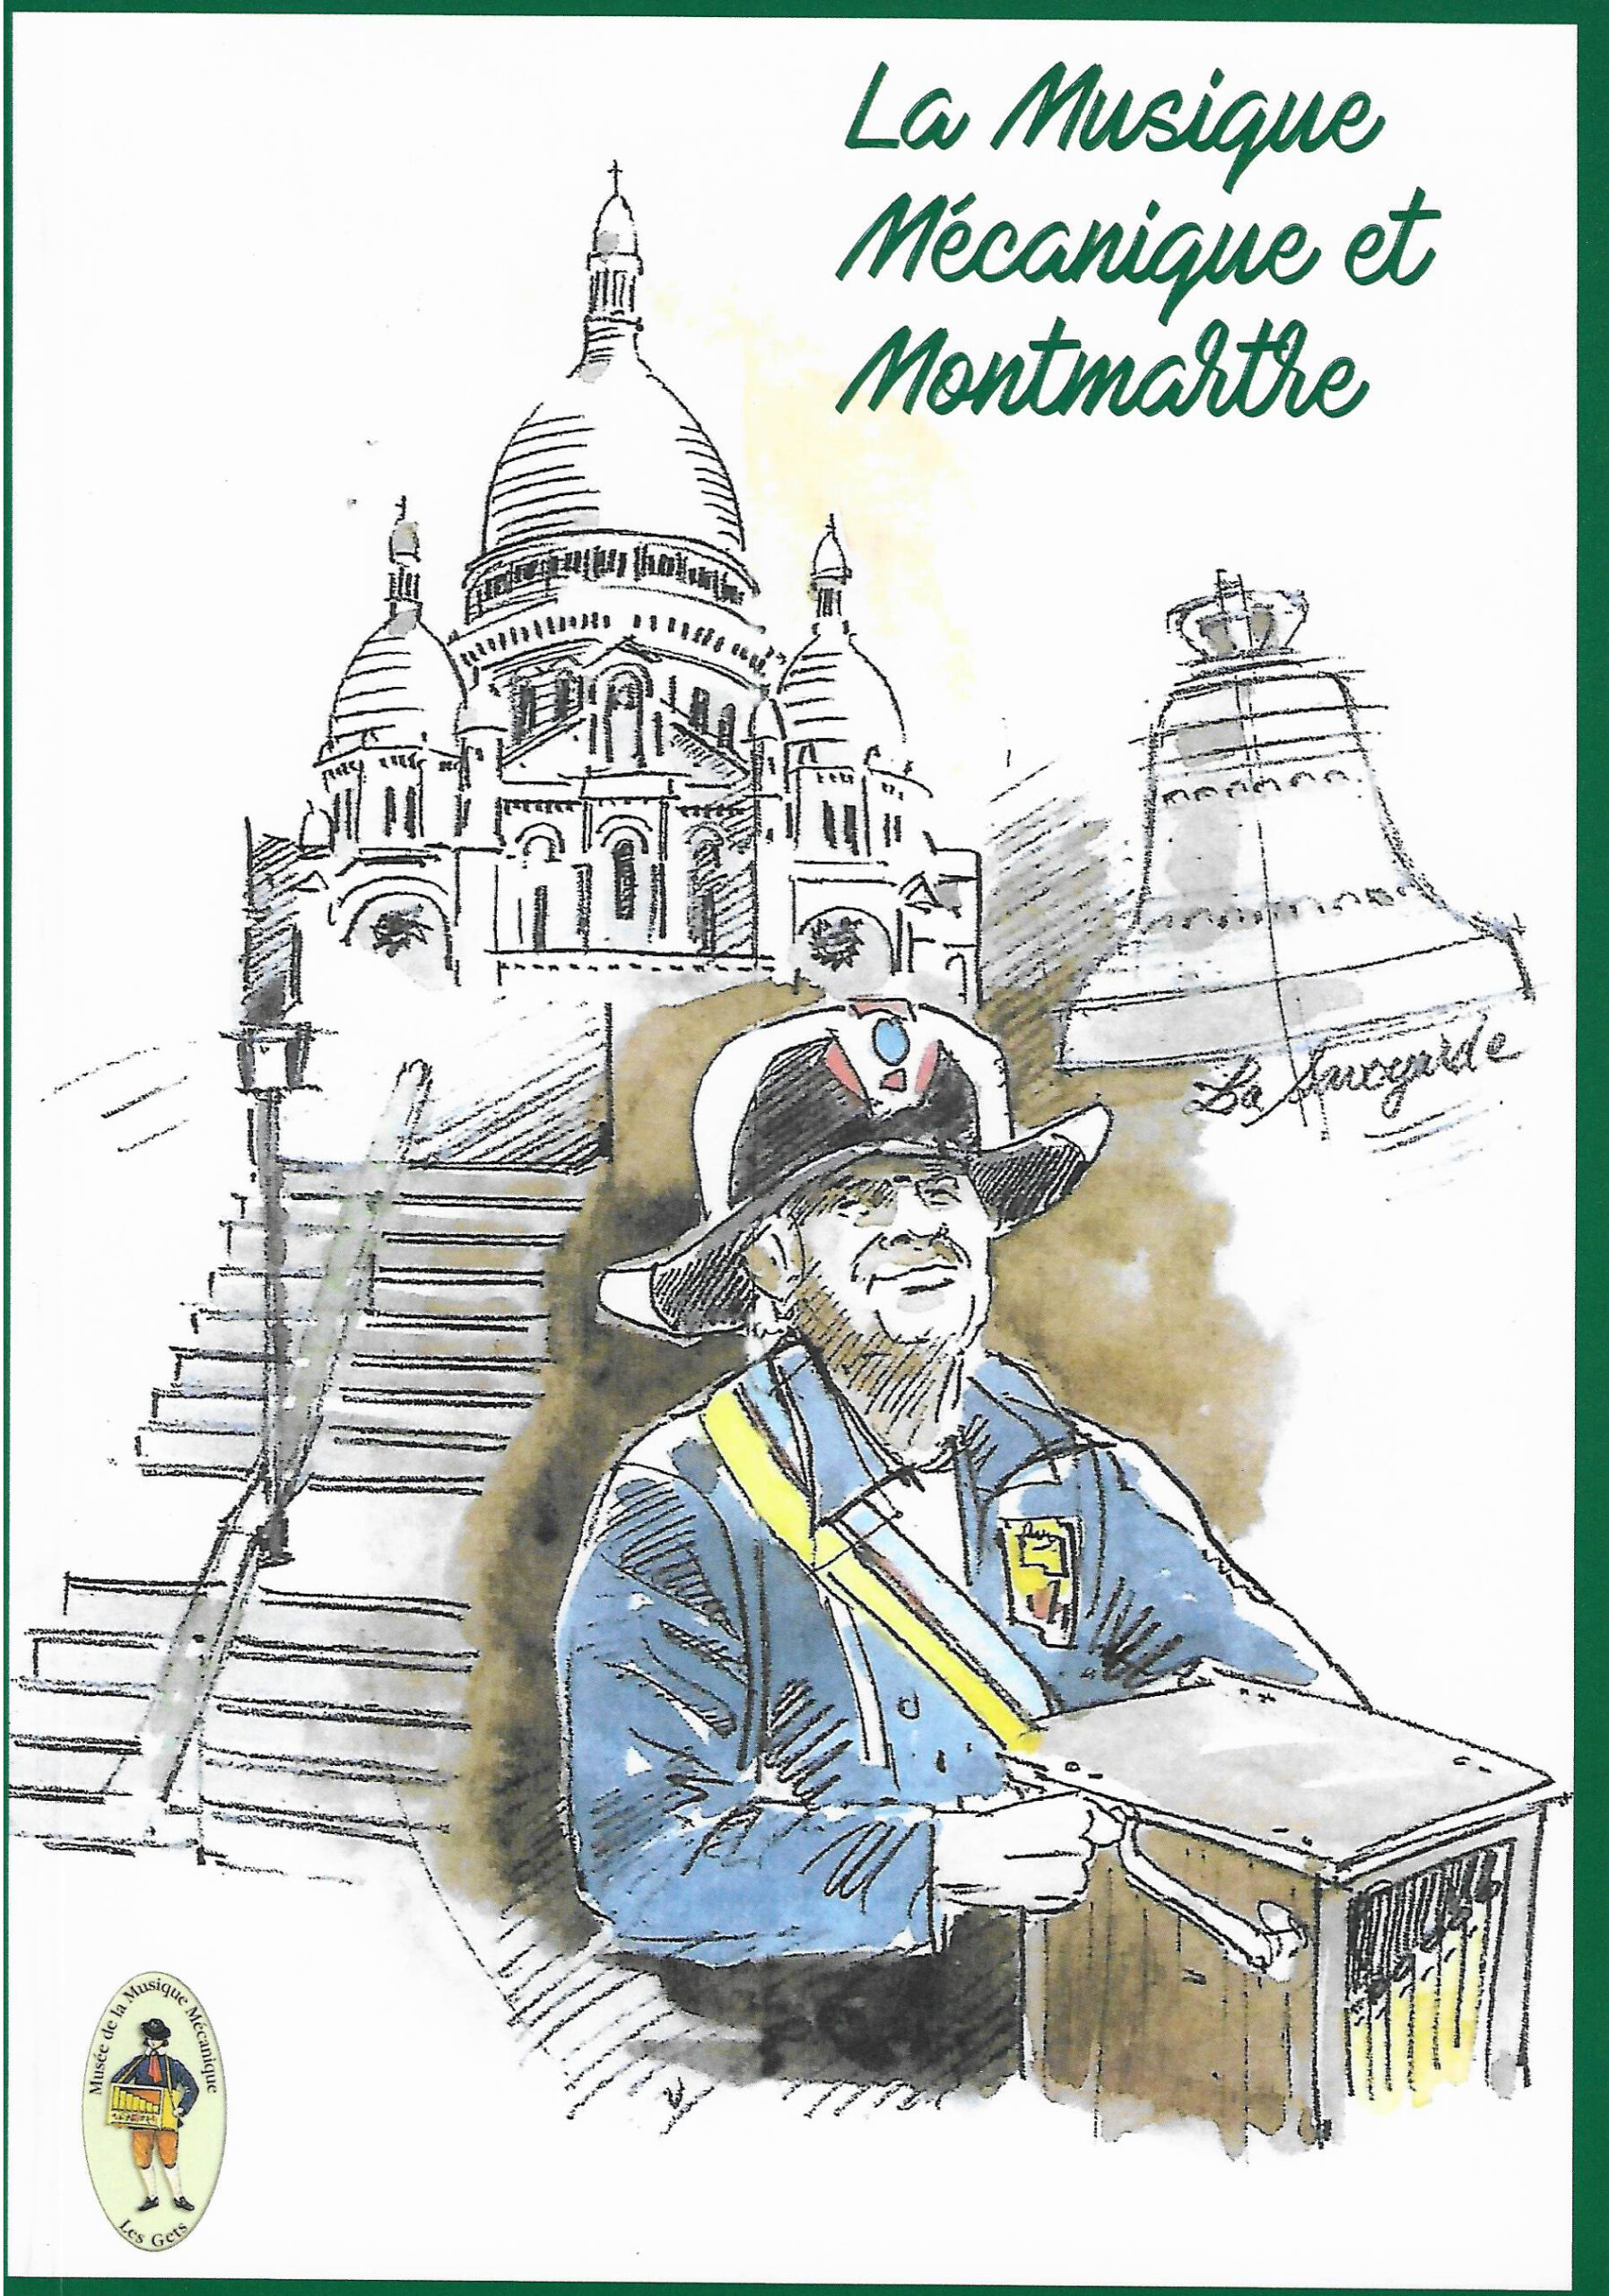 La musique mécanique et Montmartre